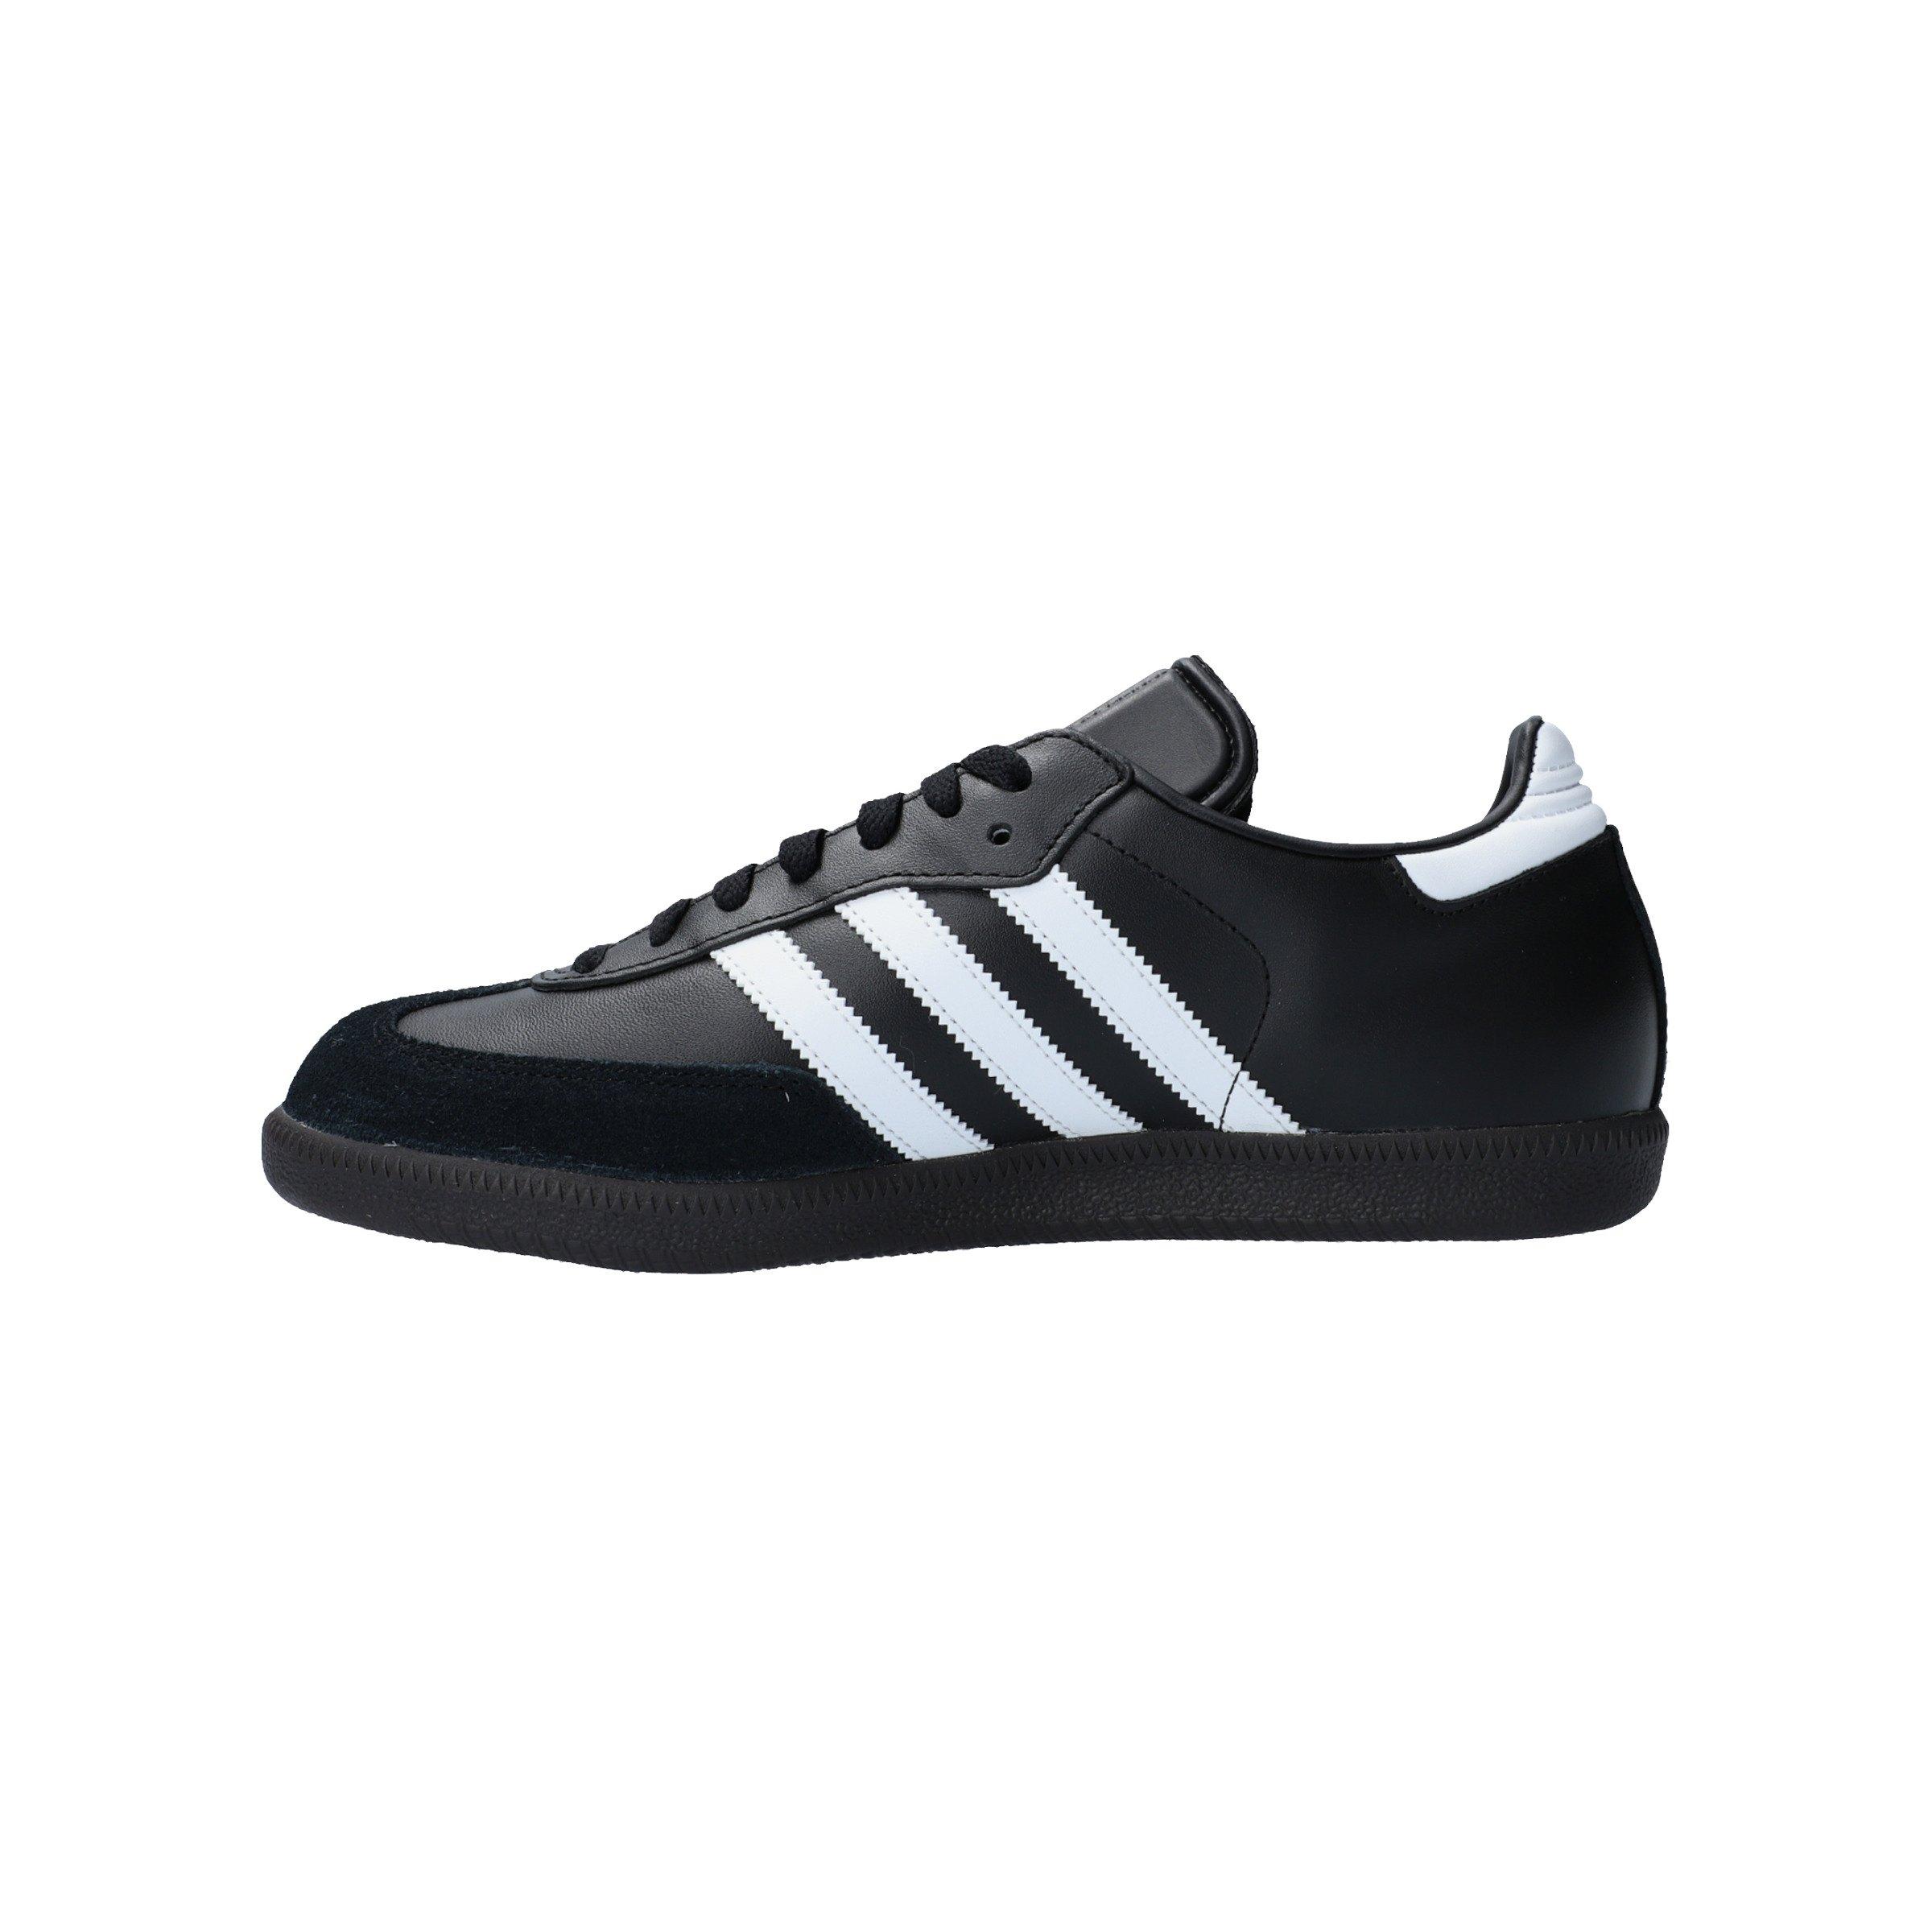 Samba Schwarz Adidas Hallenschuh Leder Weiss RA354qcjLS